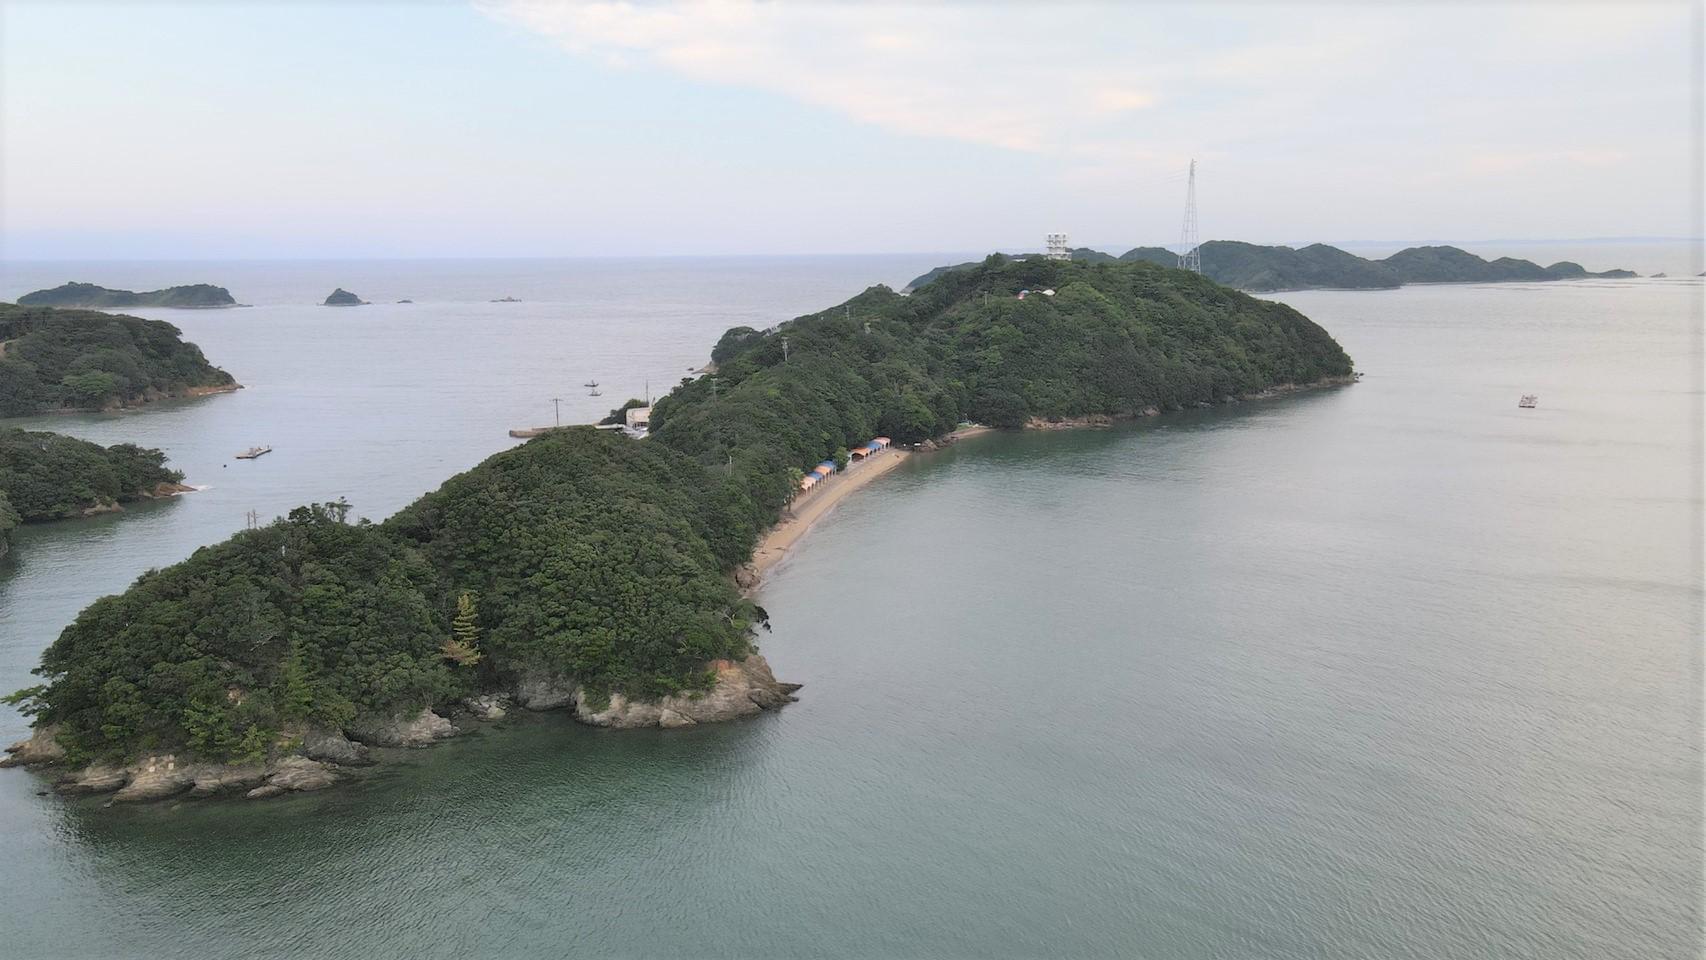 『日向島(いるか島)』の海釣りガイド(釣れる魚・駐車場・トイレ)